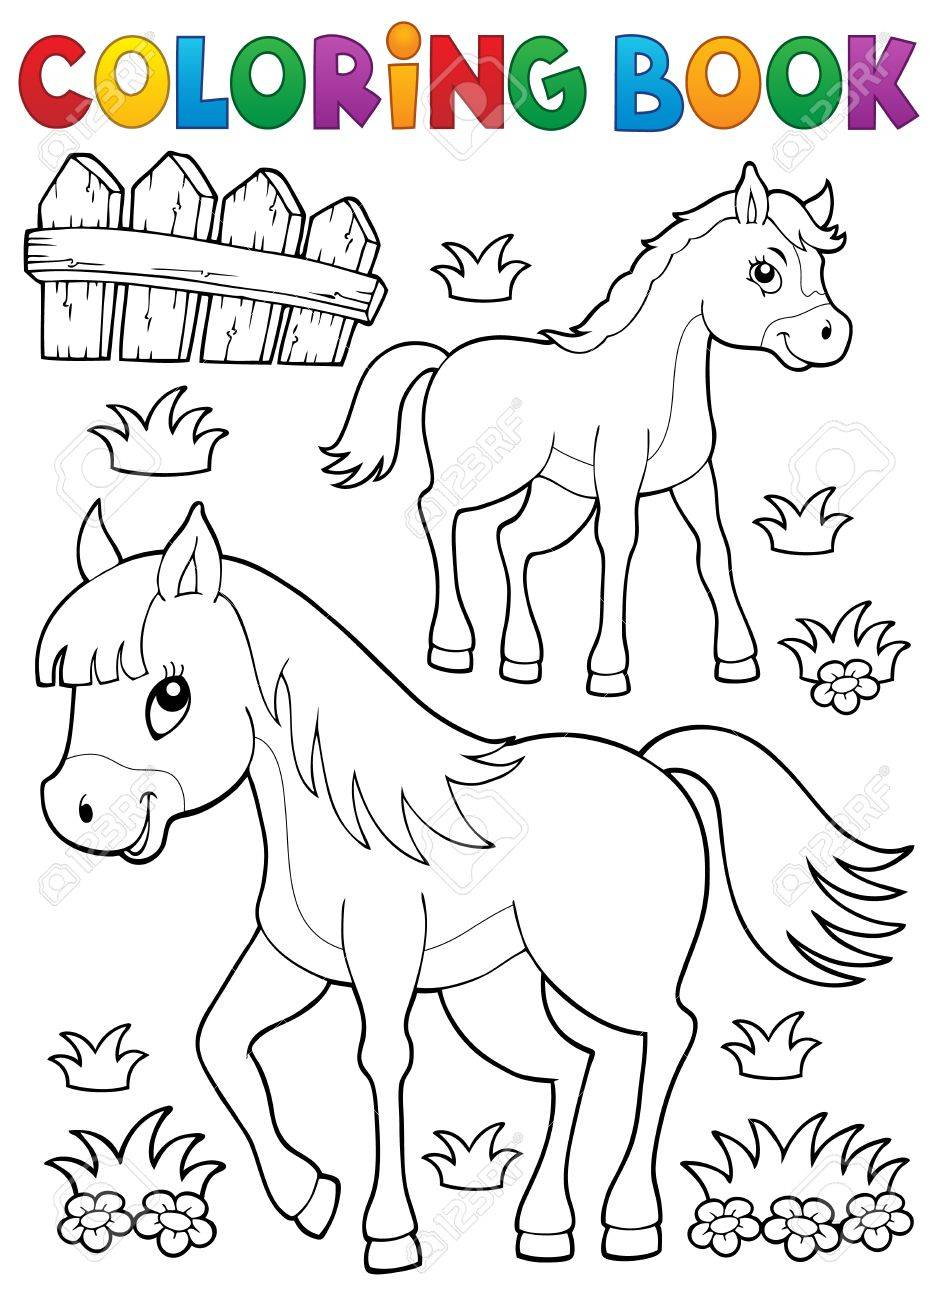 Coloriage Cheval De Livre Avec Le Theme De Poulain 1 Eps10 Illustration Vectorielle Clip Art Libres De Droits Vecteurs Et Illustration Image 52358848